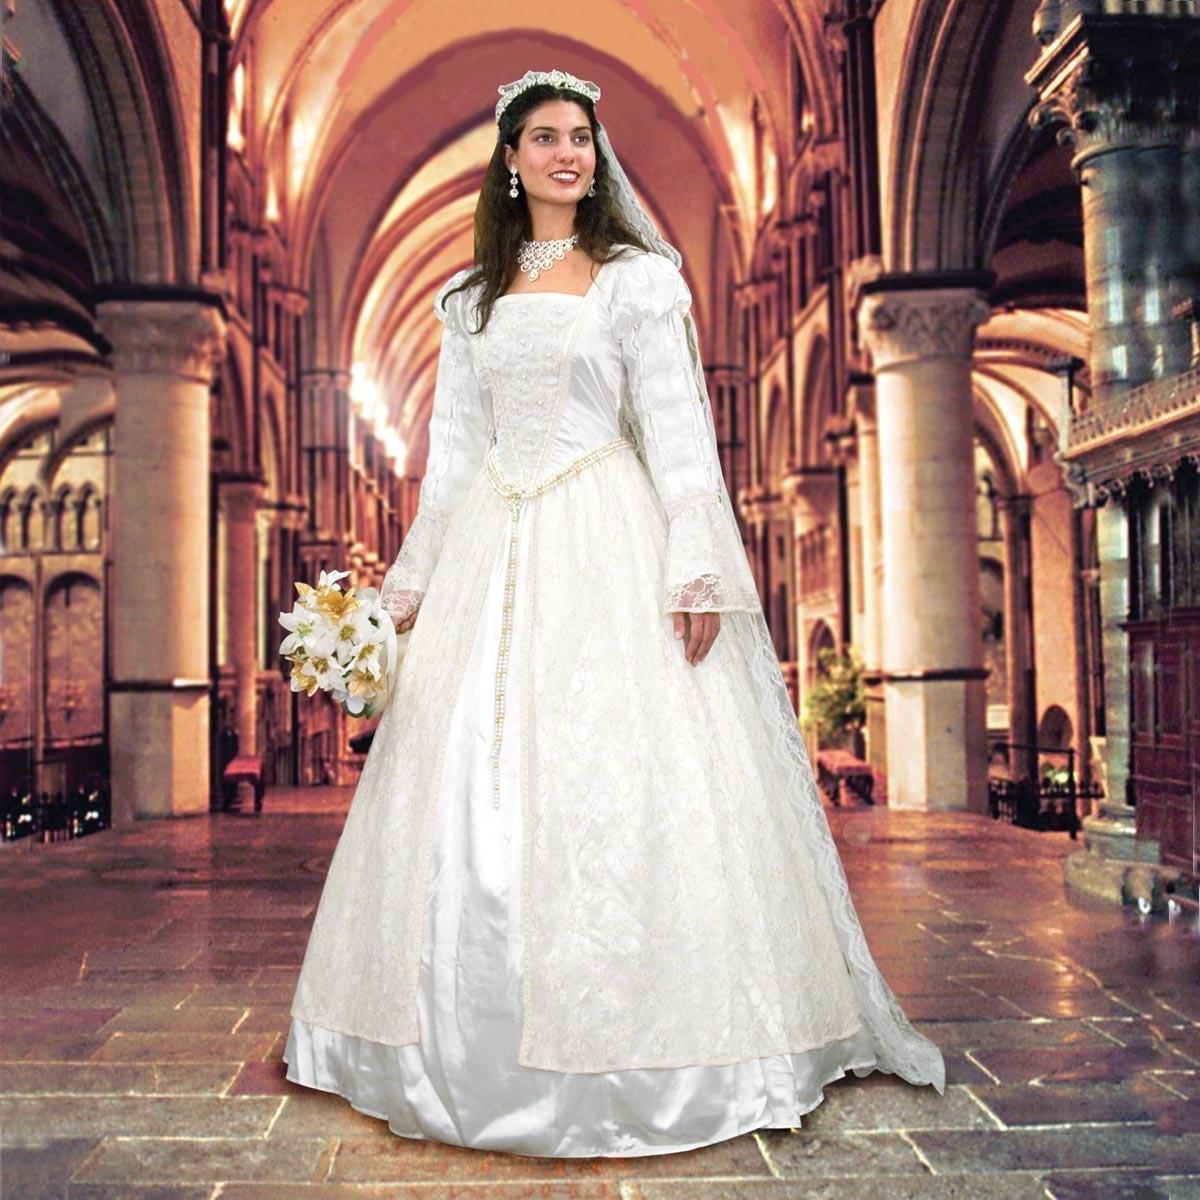 Wedding Gown Veil Renaissance Dress Museum Replicas